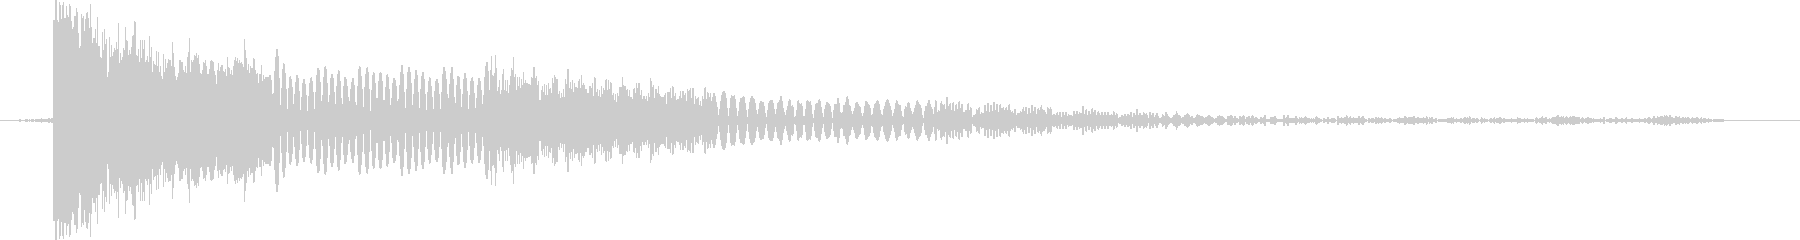 アナログFX 15の未再生の波形